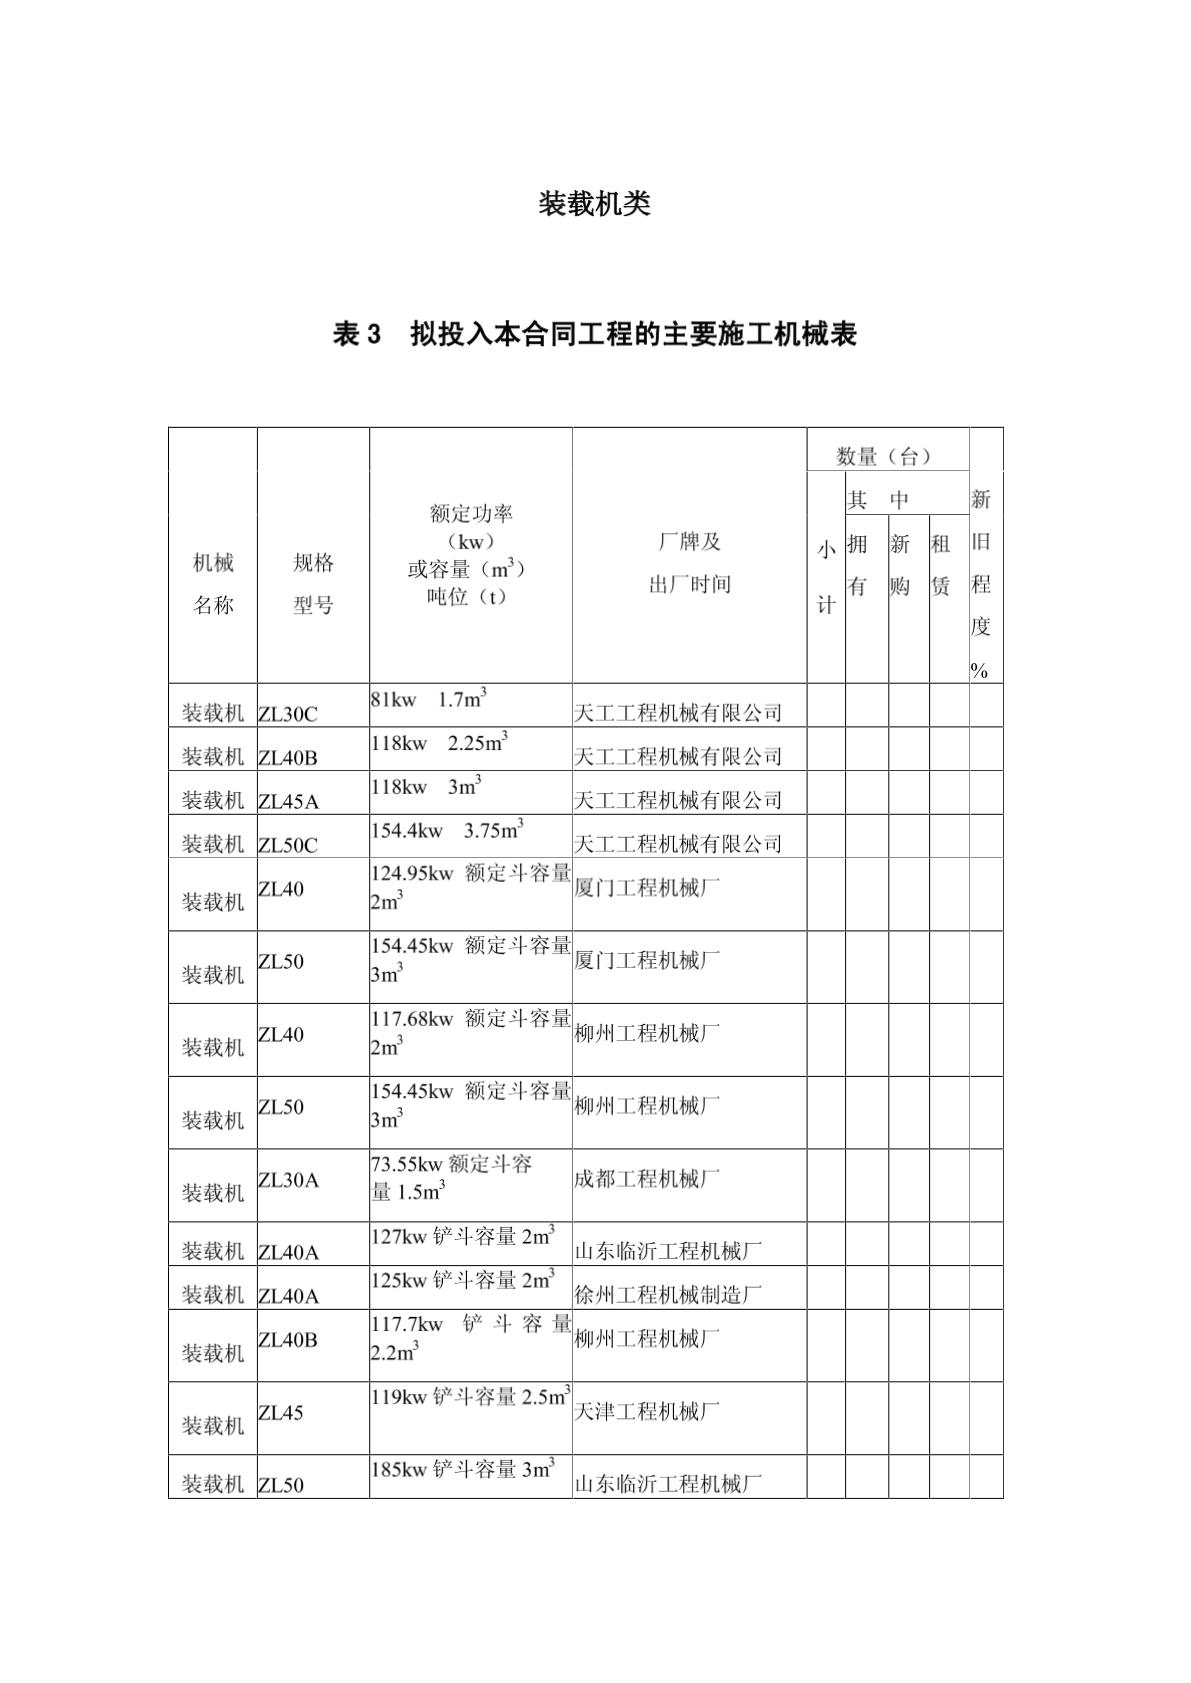 2装载机.doc本文上传自路桥吾爱-lq52.com-图二